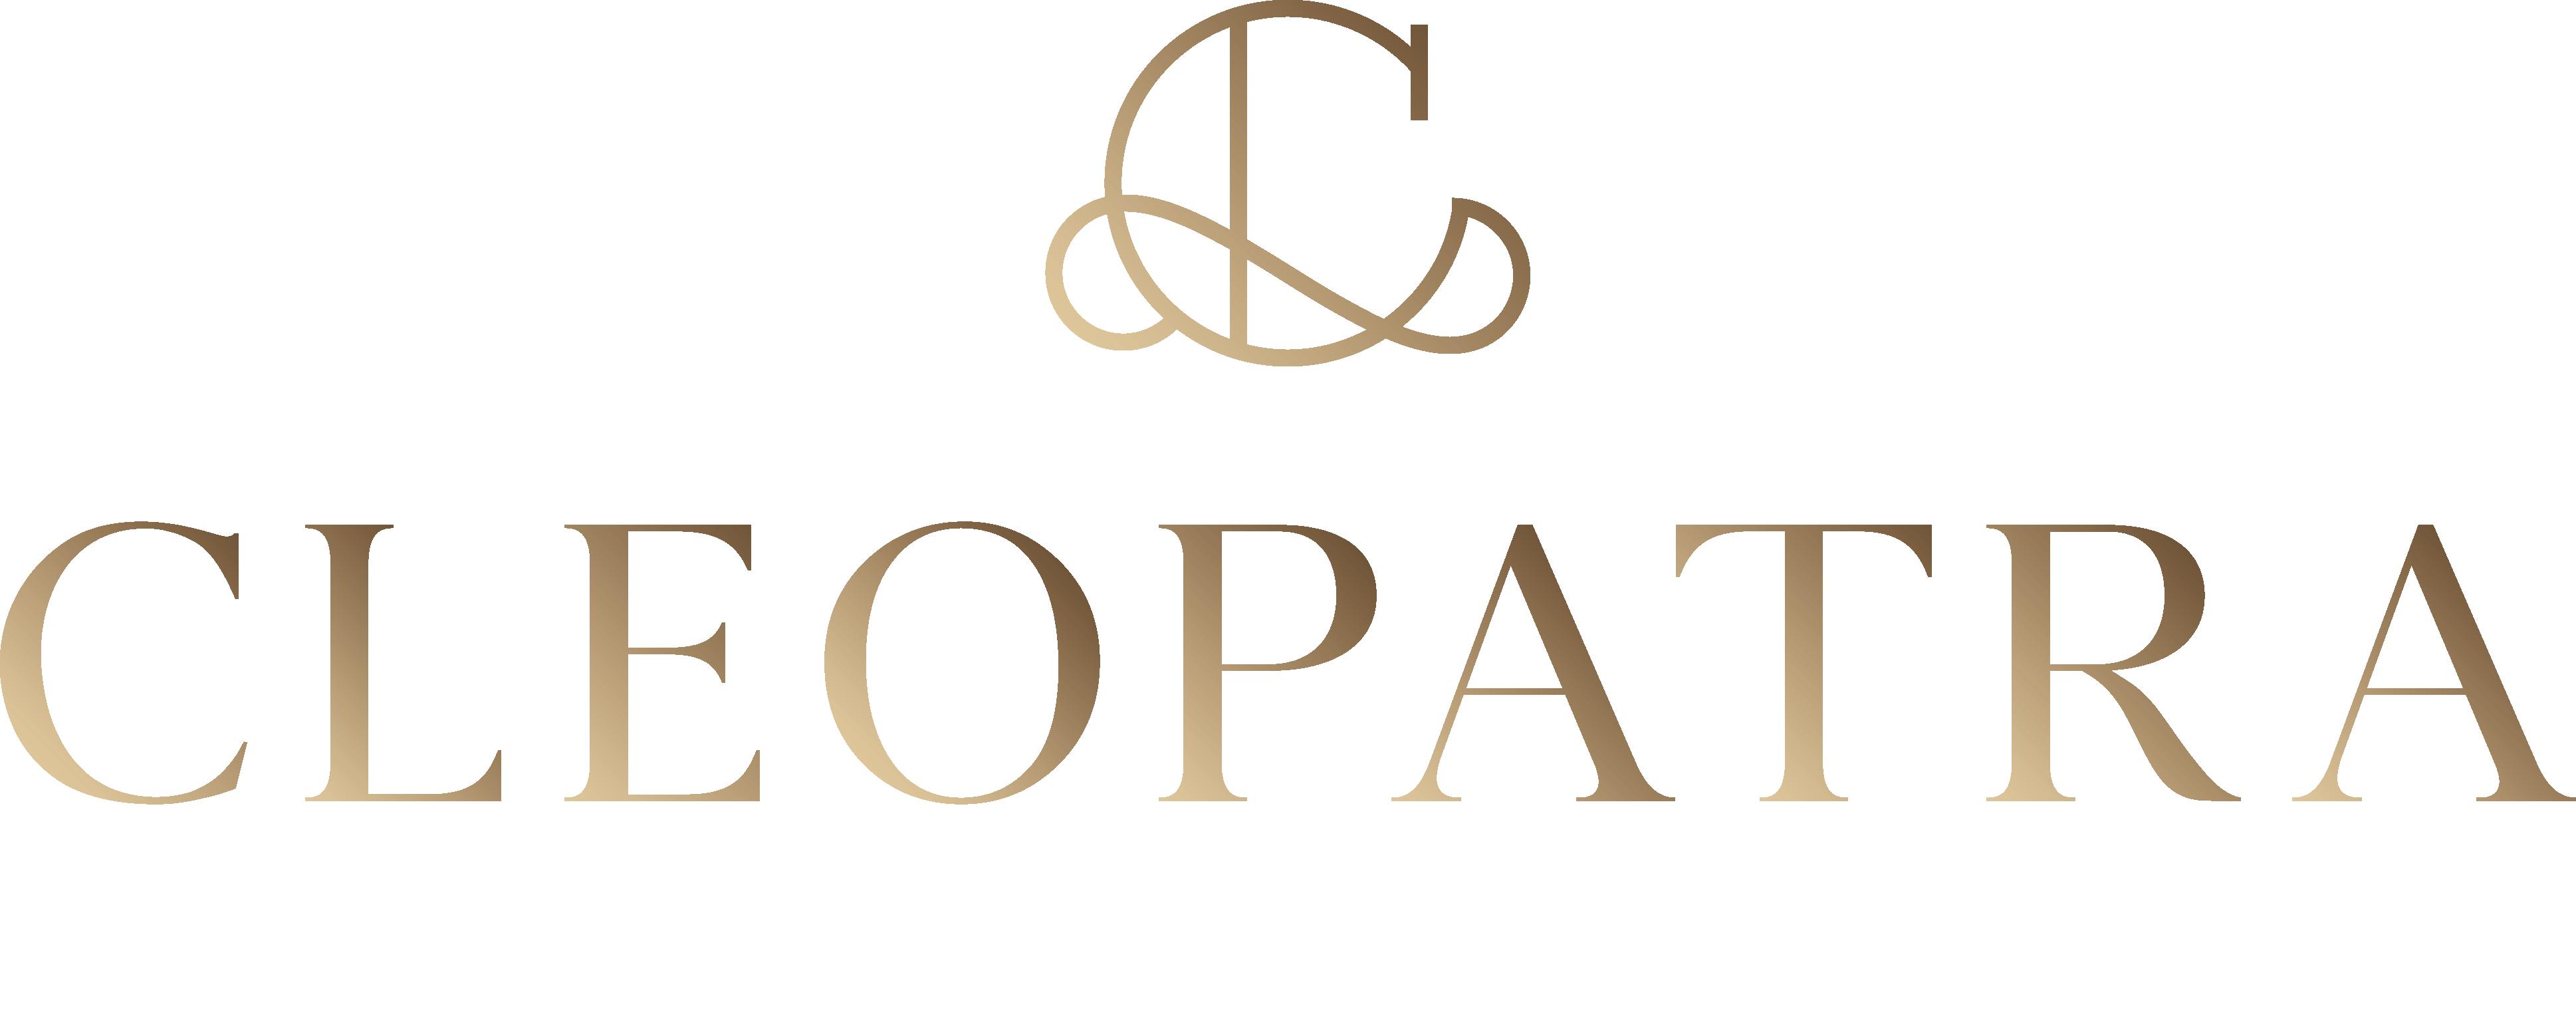 Instituut voor huidverbetering, -verjonging & hairstylist